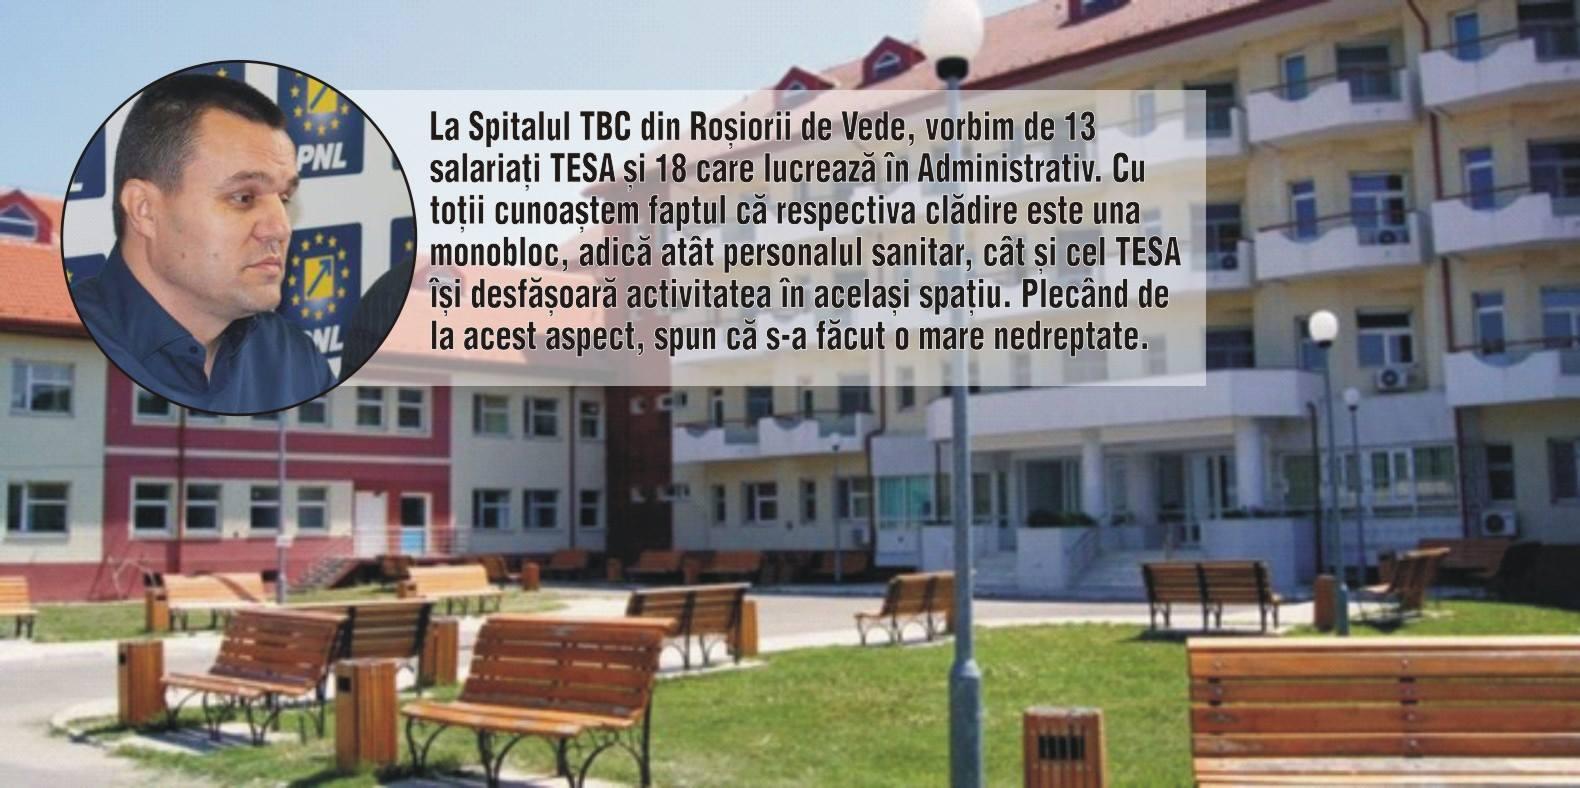 """Senator Eugen Pîrvulescu:""""Personalului TESA din Spitalul TBC Roșiori i s-a făcut o mare nedreptate, prin eliminarea sporului pentru condiții periculoase"""""""